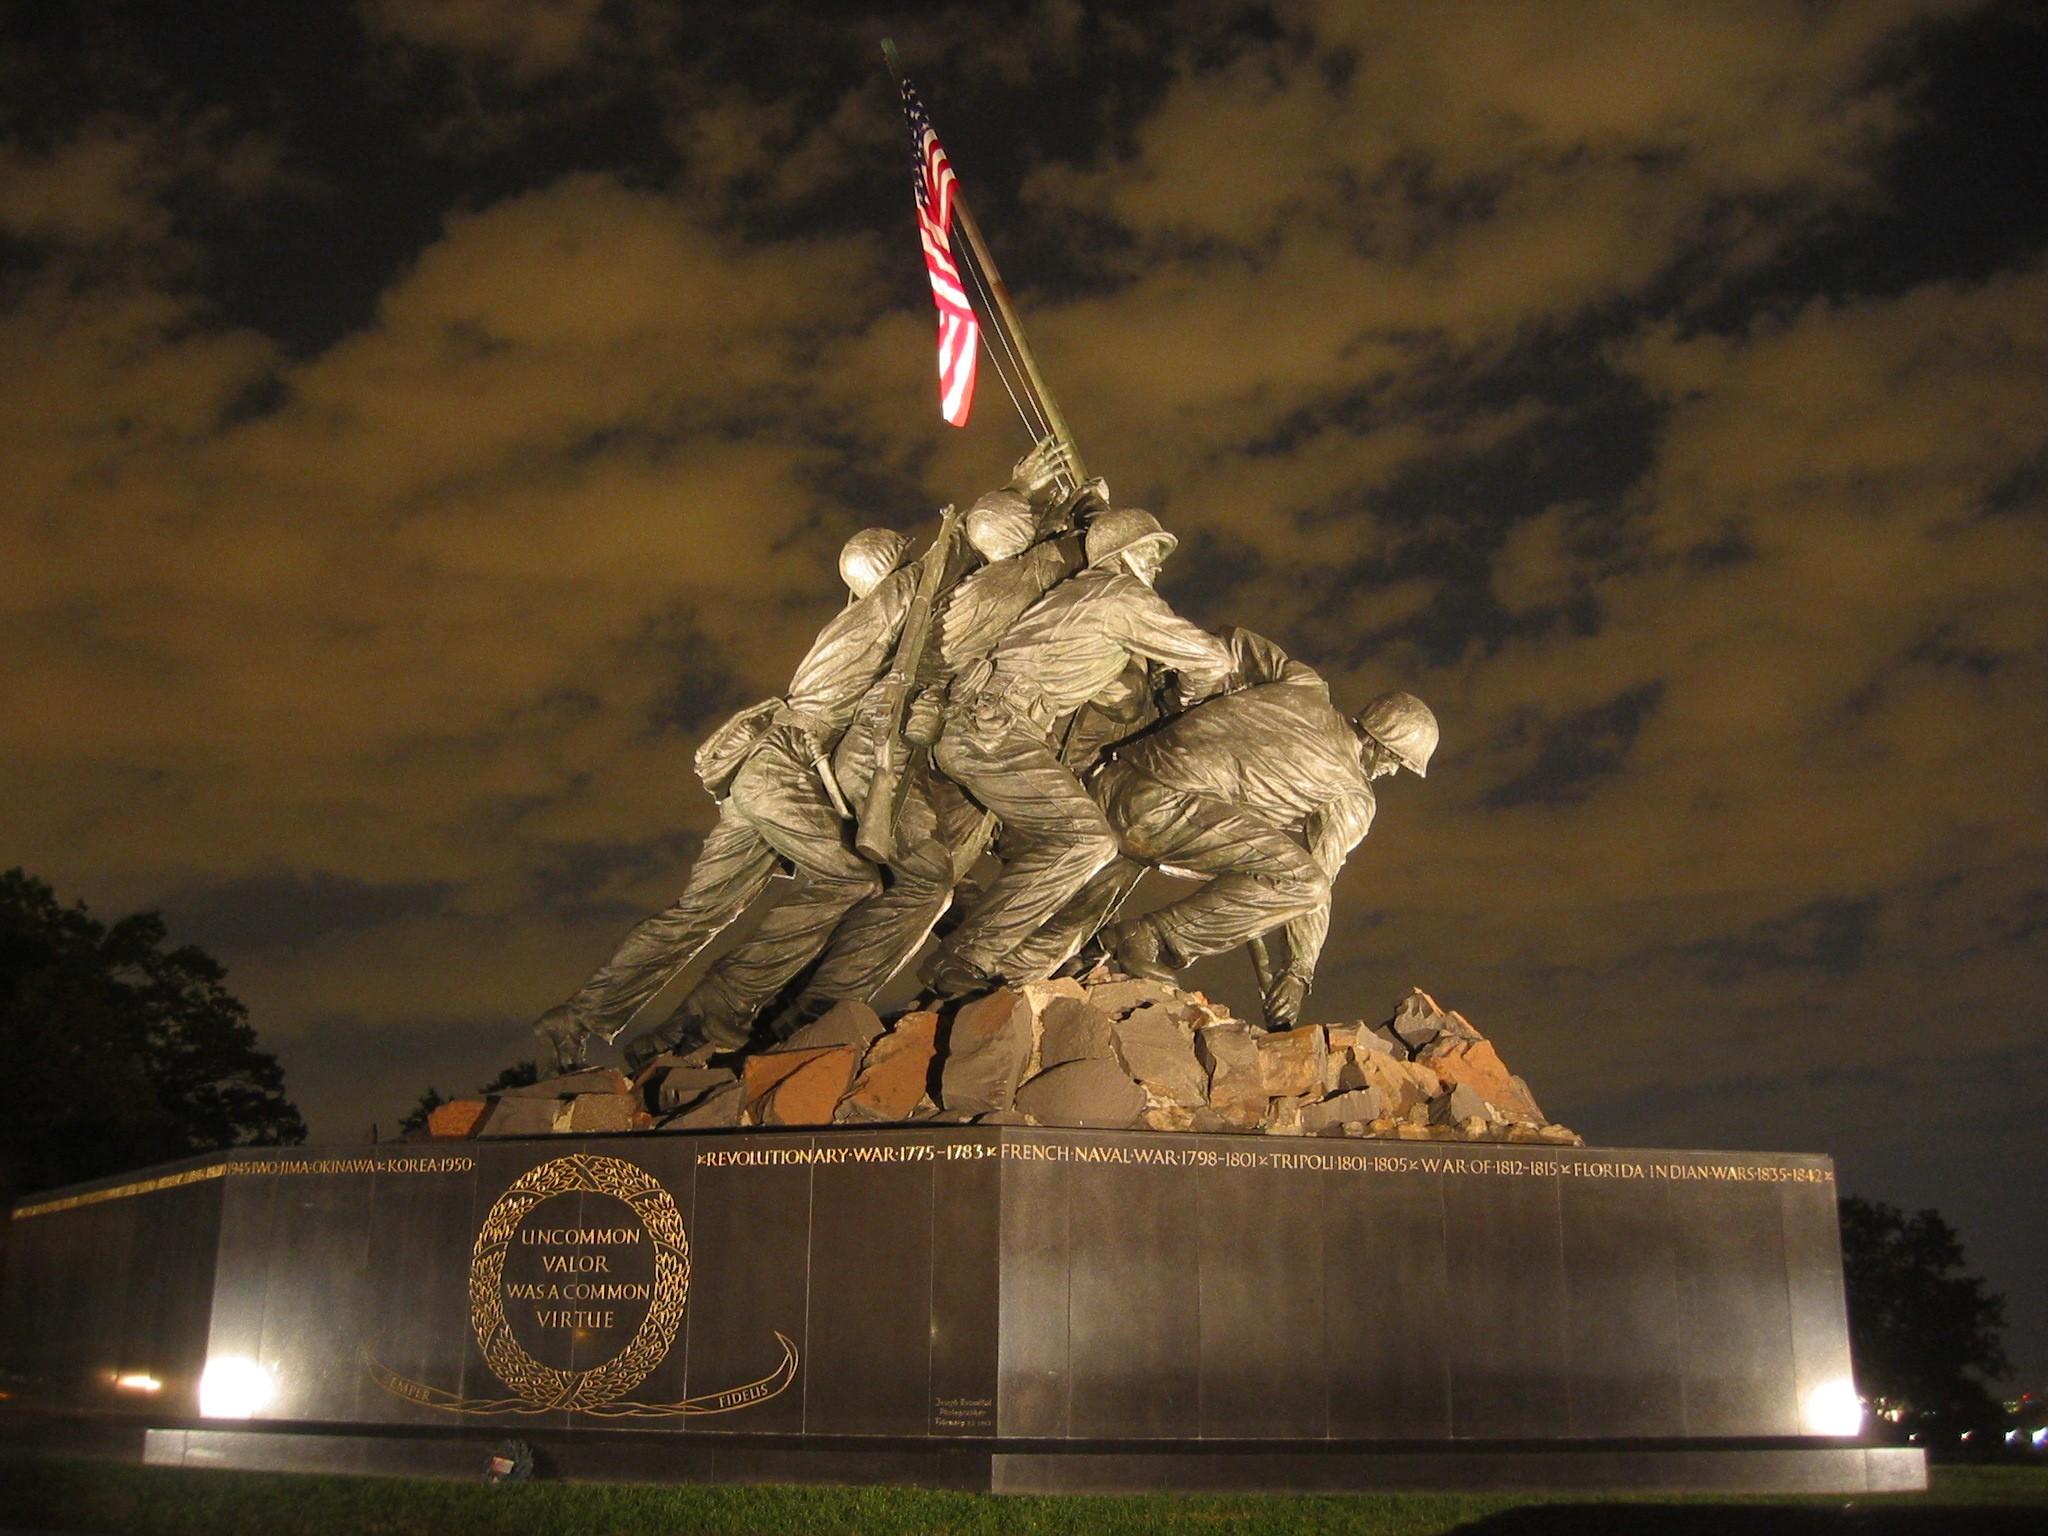 摺鉢山に旗を立てる写真をかたどった、合衆国海兵隊戦争記念碑